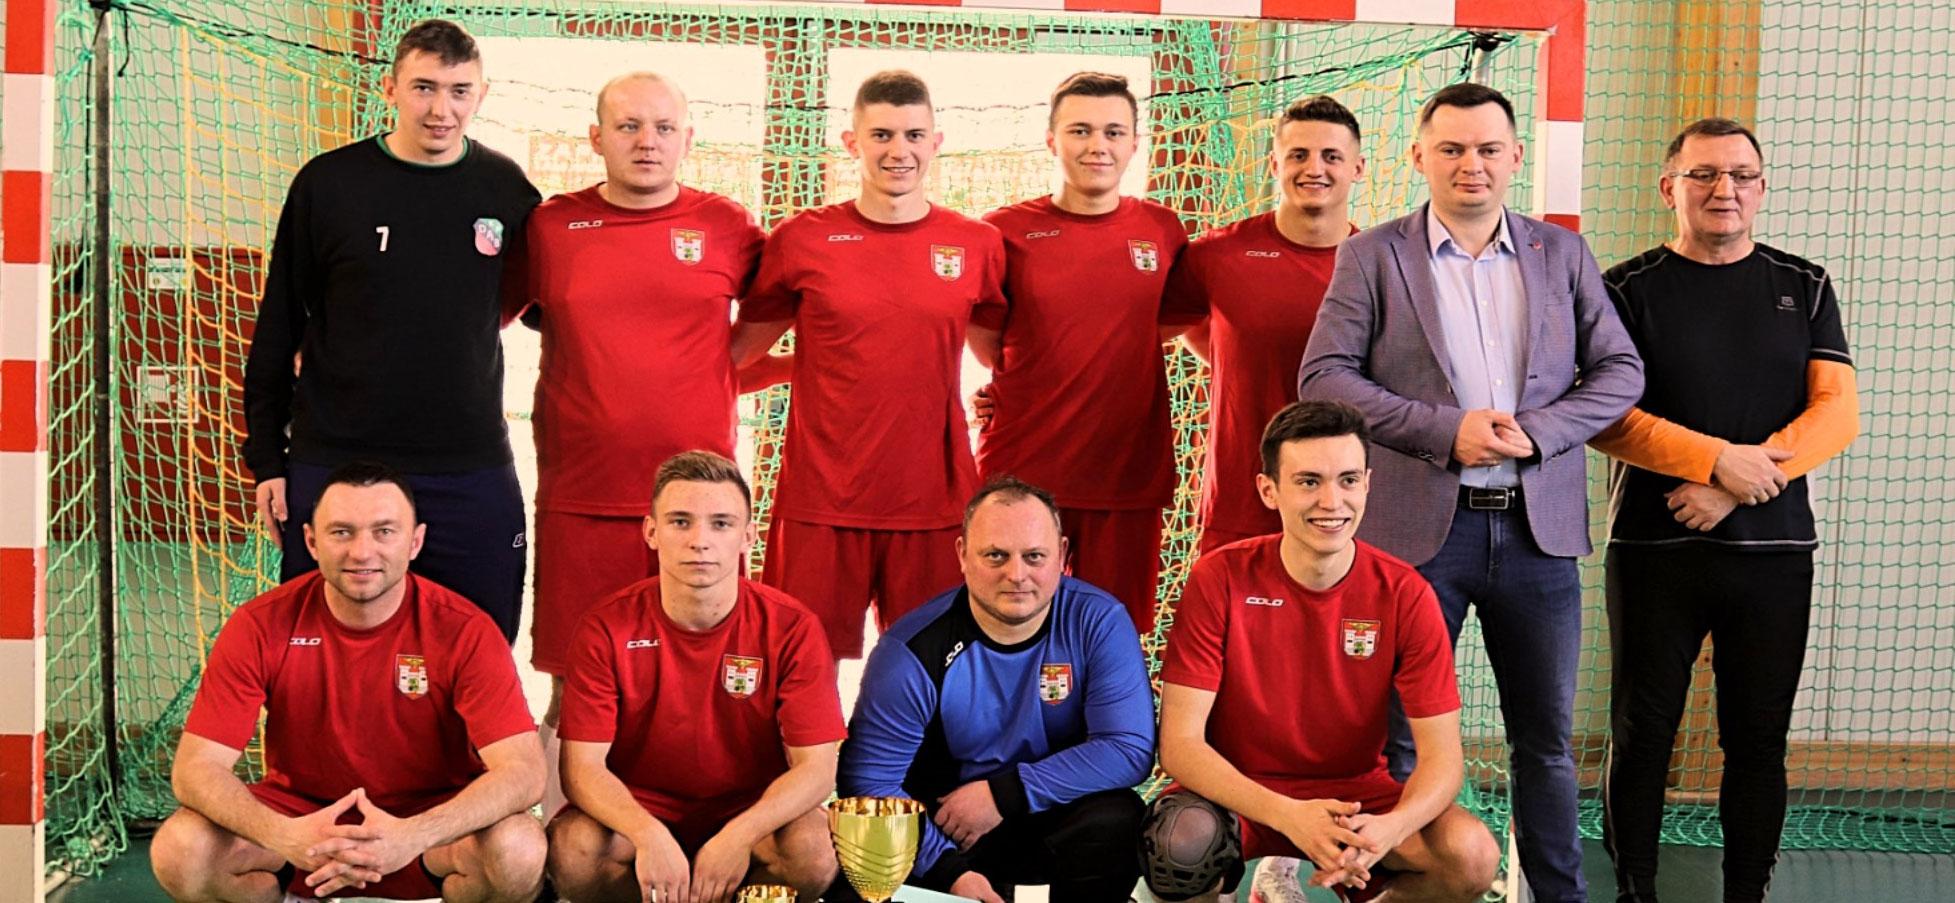 VII Gminny Turniej Piłki Nożnej Mężczyzn o Puchar Wójta Gminy Dobroszyce